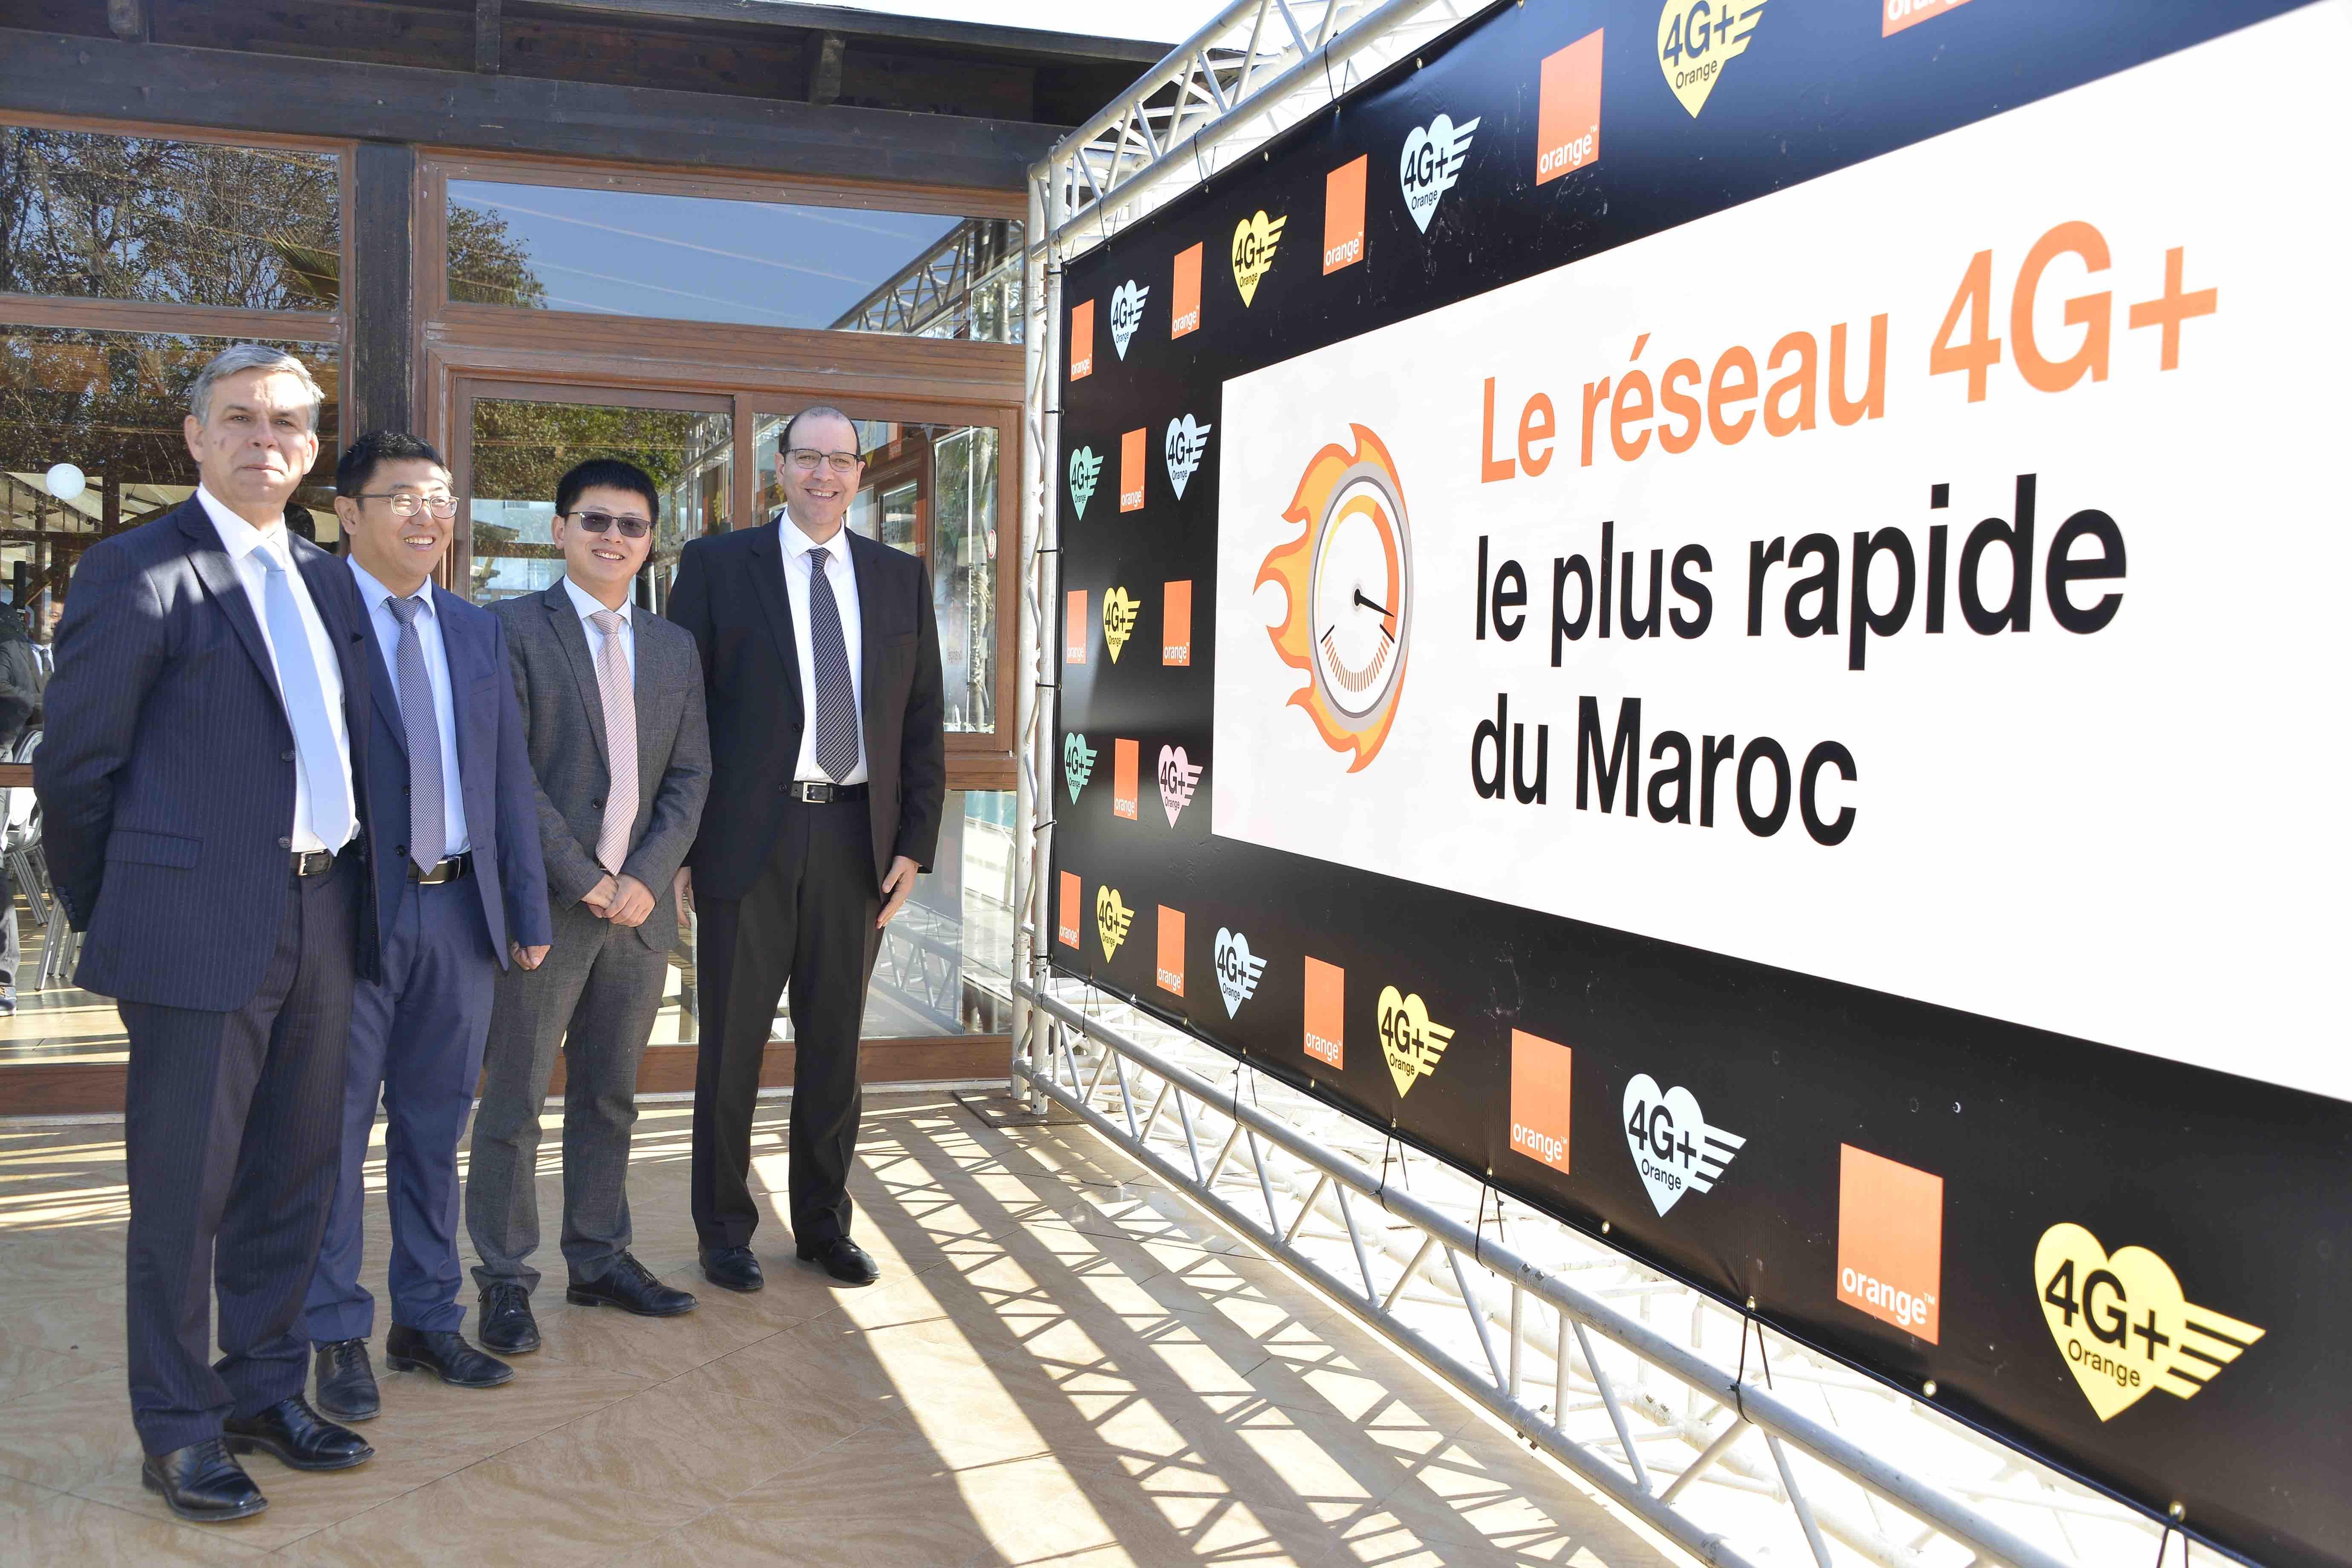 Orange annonce proposer le réseau 4G+ le plus rapide au Maroc